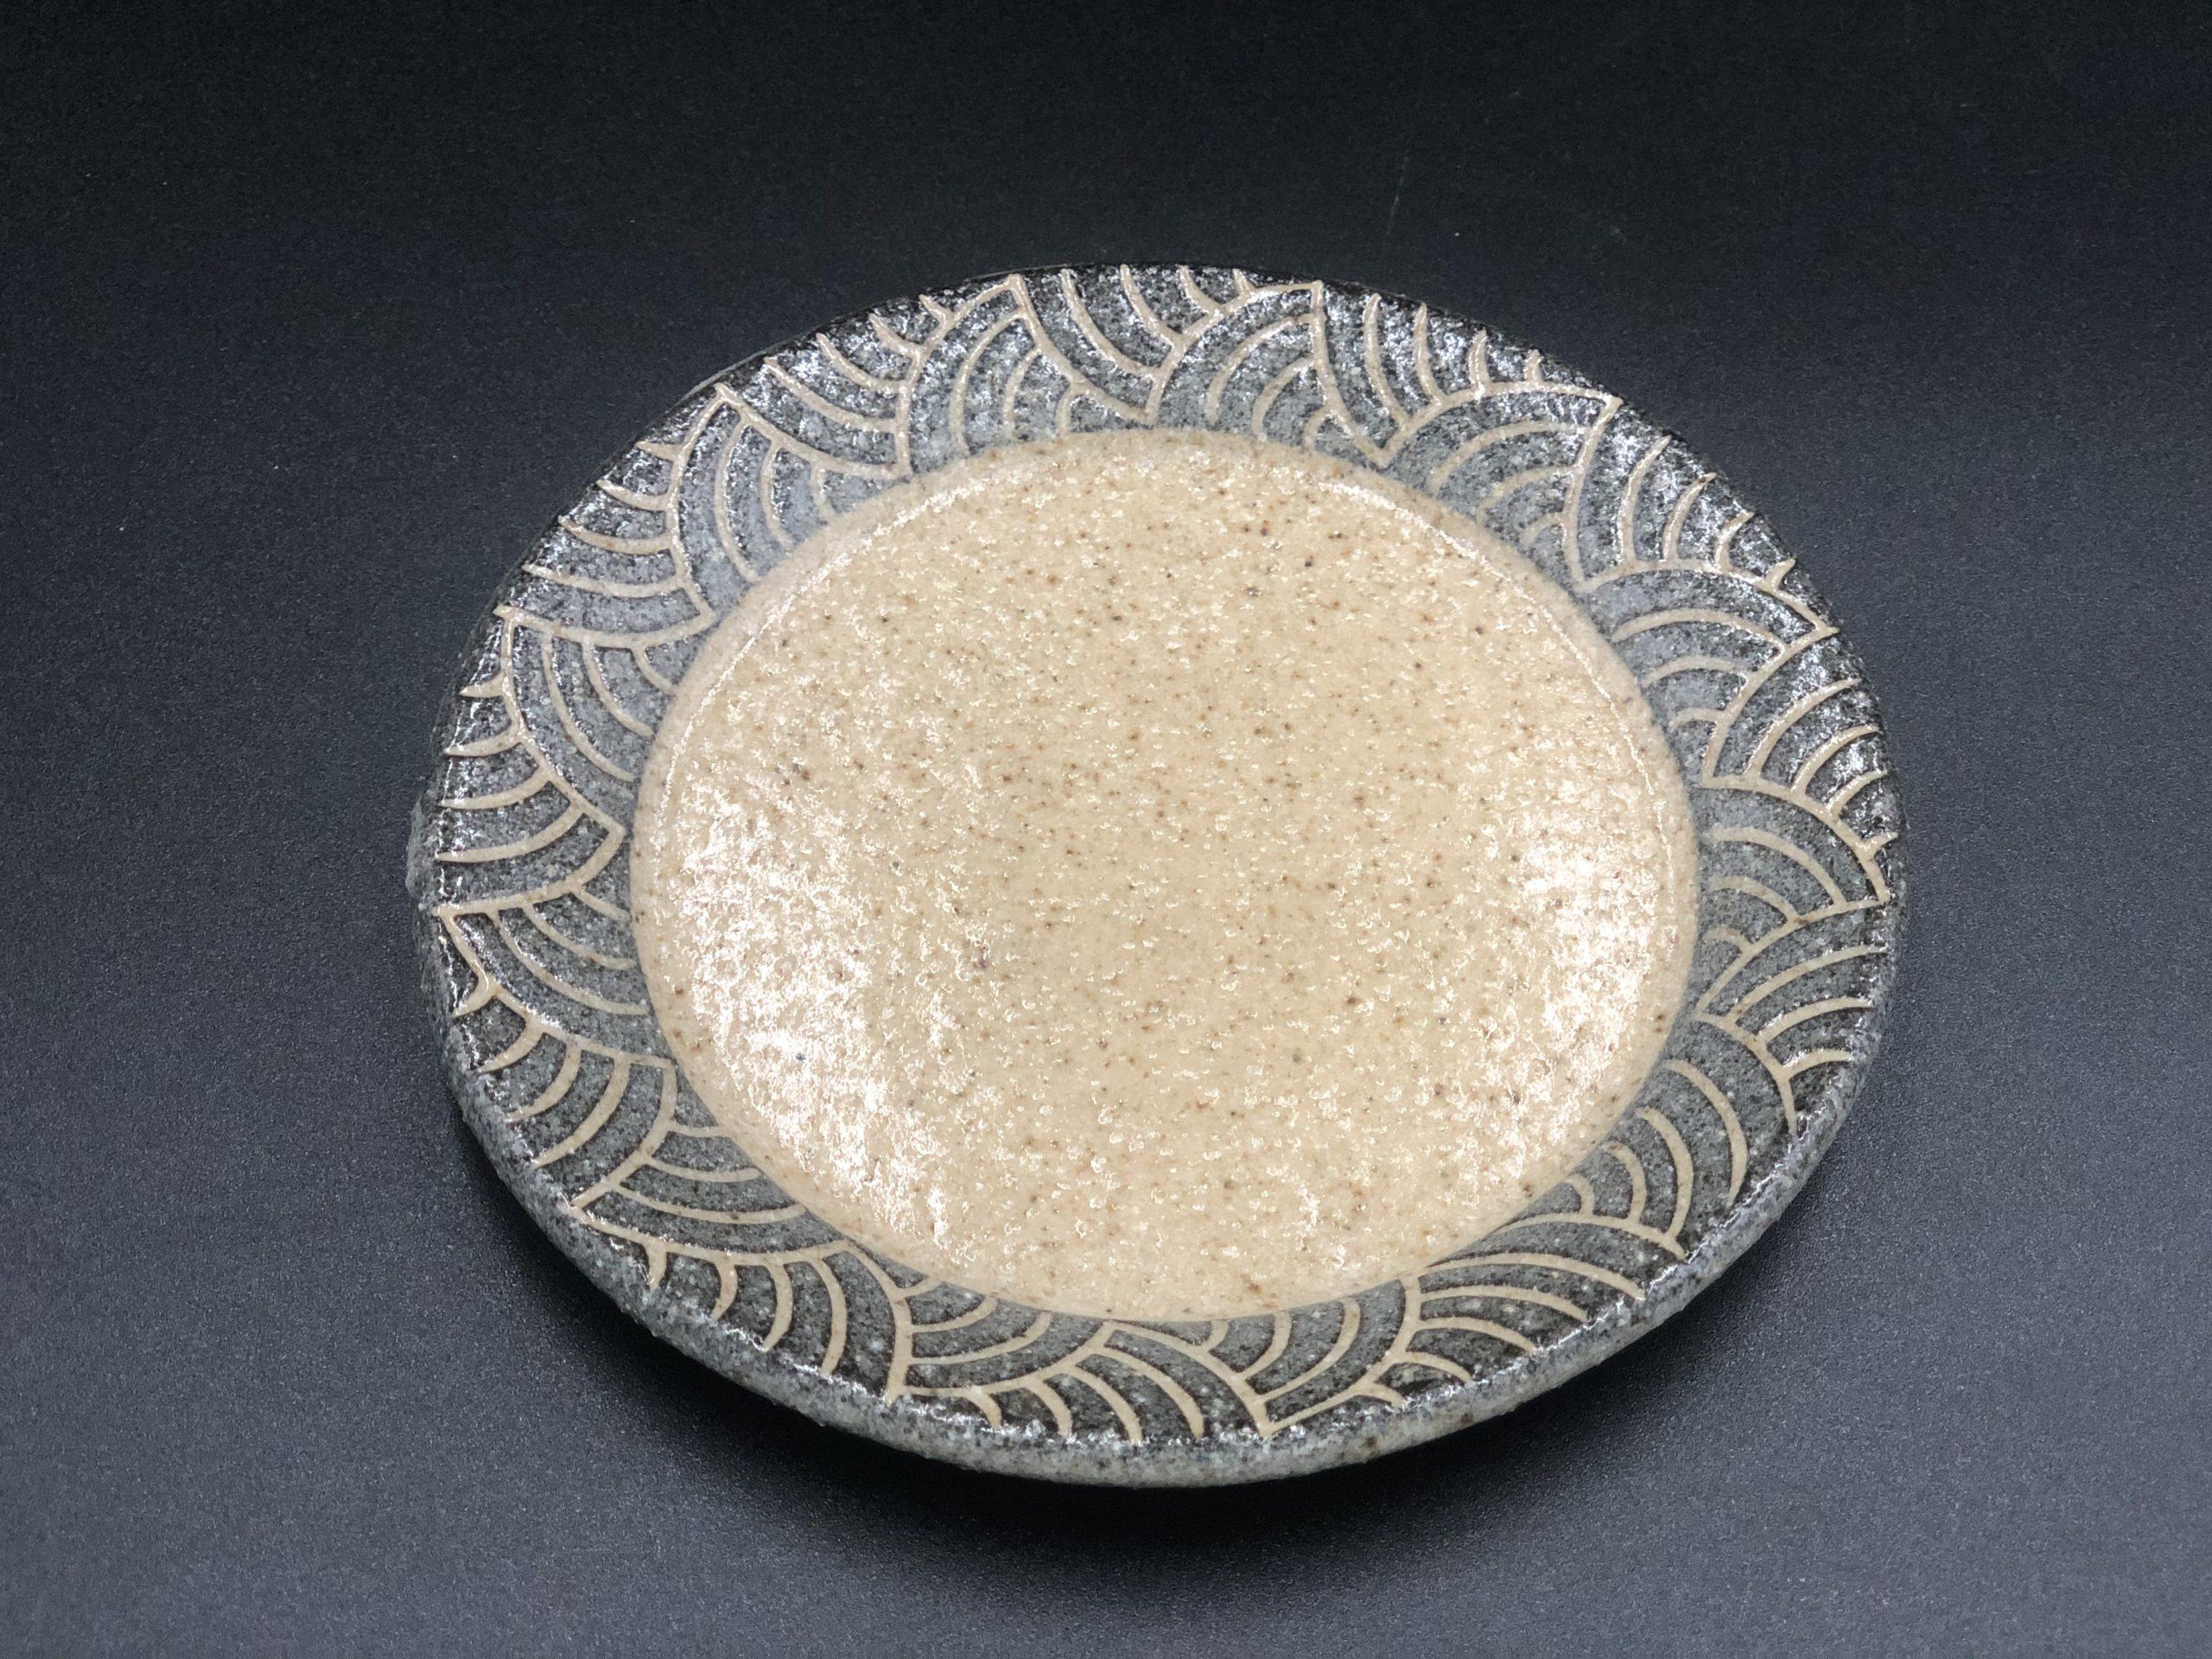 直径13cmの丸平皿はコーヒーソーサーとしても使えます。